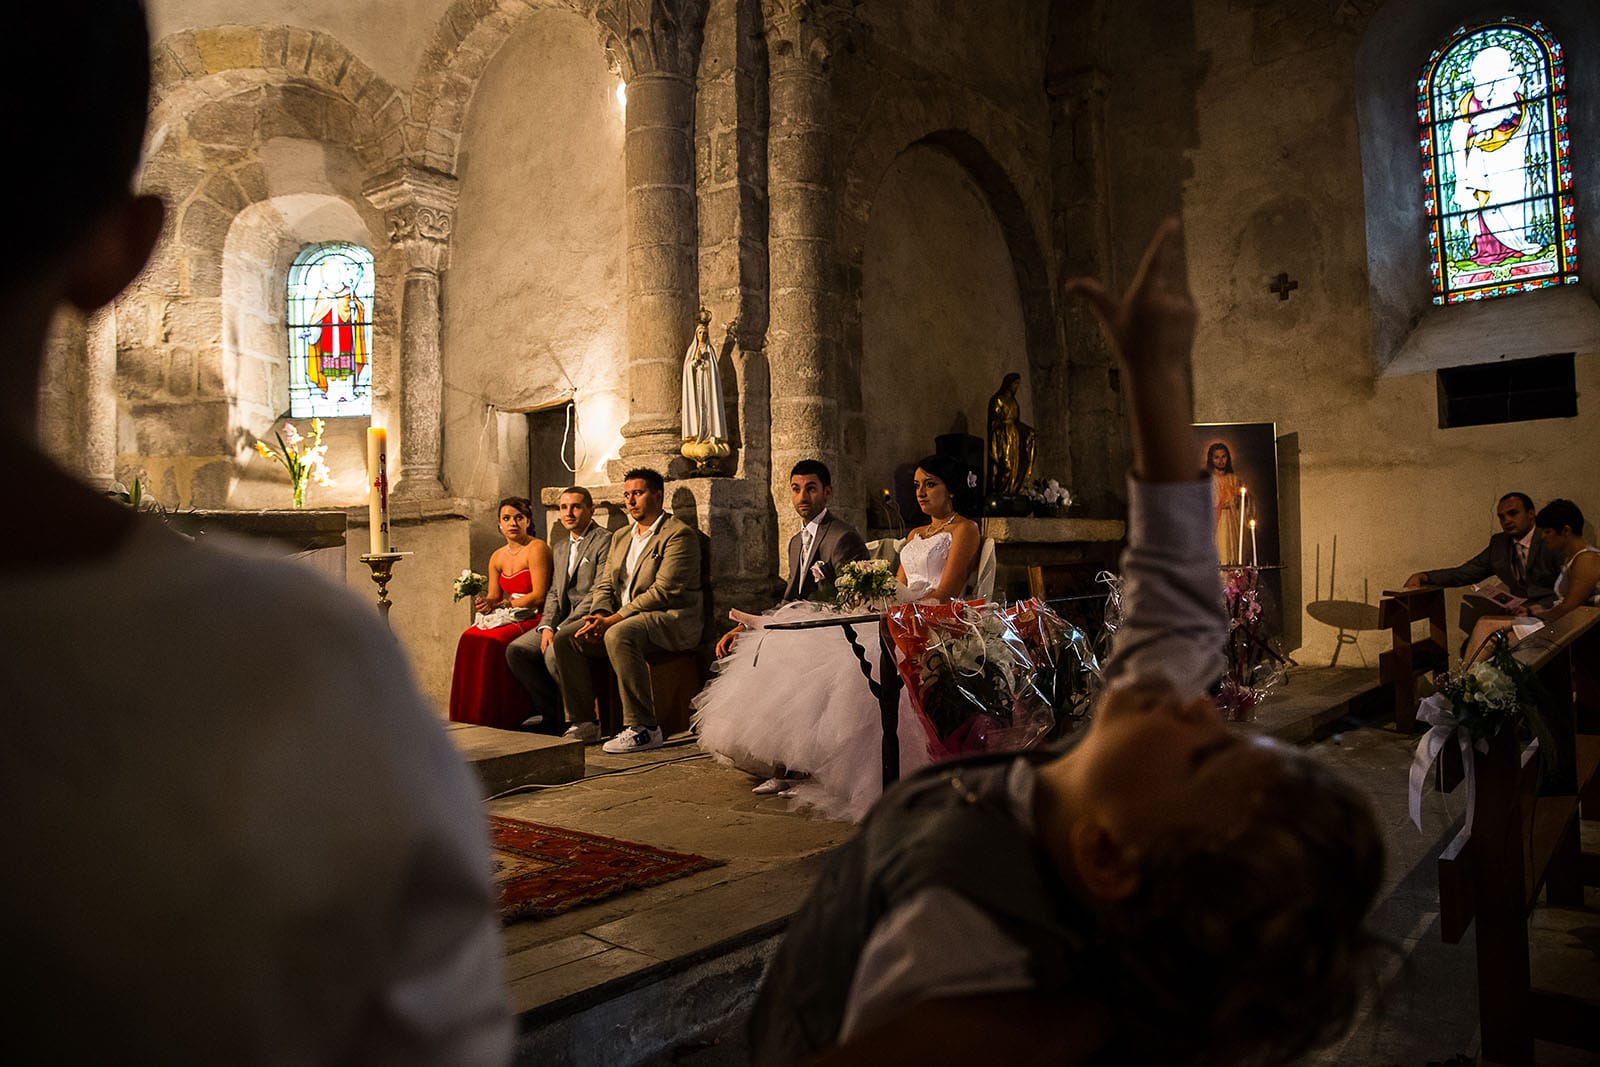 Un enfant s'ennui pendant la cérémonie de mariage. Photo réalisée par Castille ALMA photographe de mariage à Chambéry.